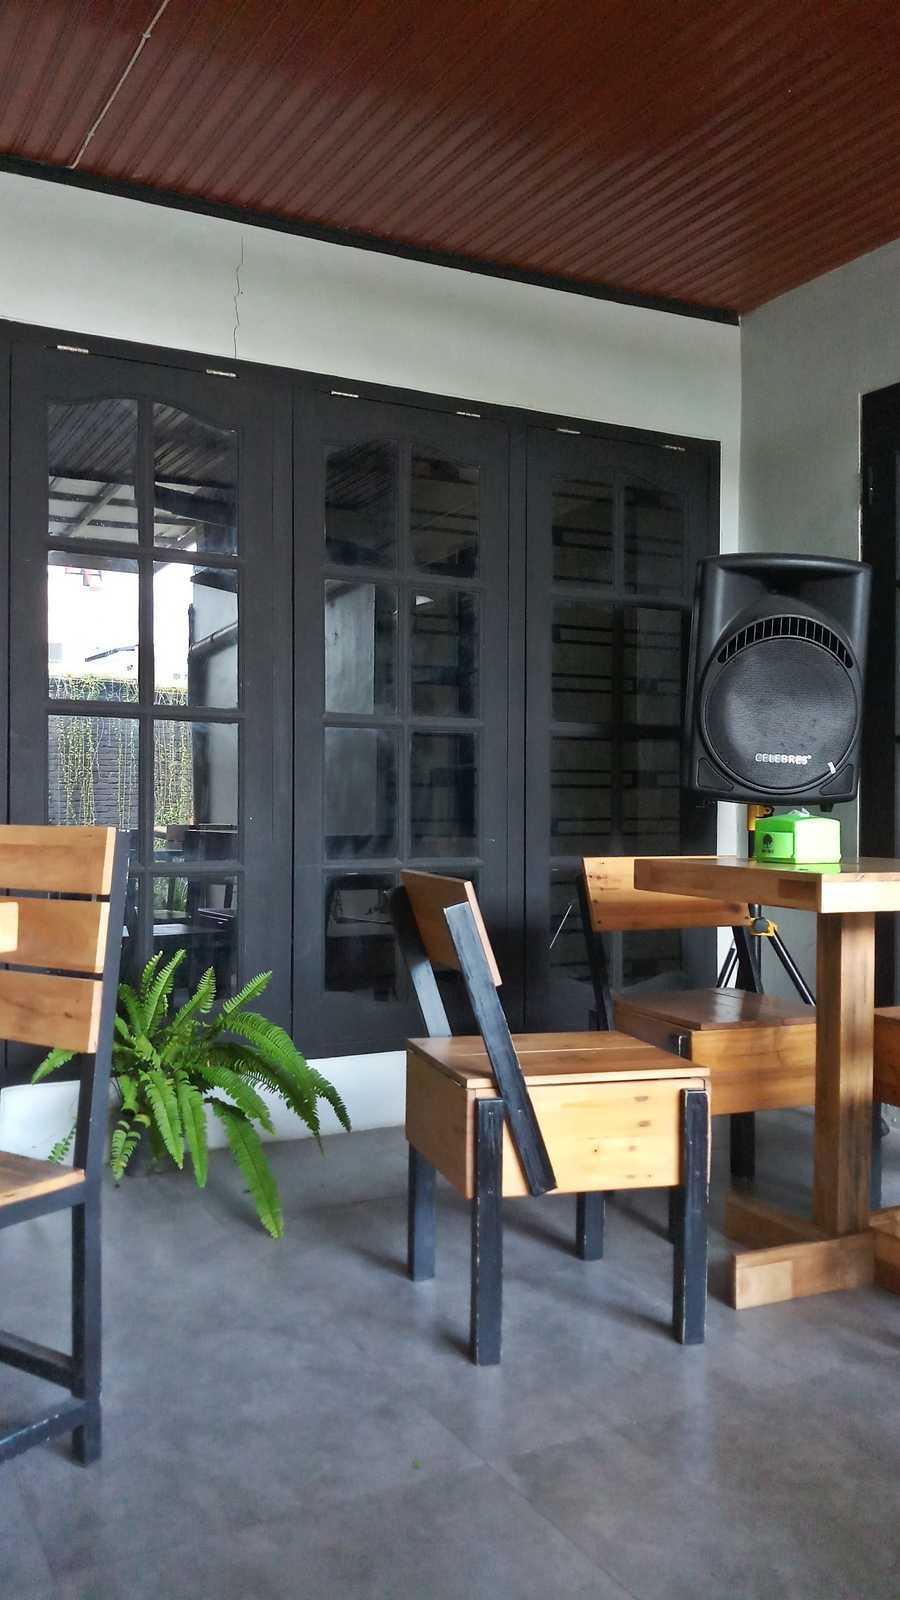 Bd Studio Coffee Lab By Kopitree Medan, Kota Medan, Sumatera Utara, Indonesia Medan, Kota Medan, Sumatera Utara, Indonesia Bd-Studio-Coffee-Lab-By-Kopitree  73806